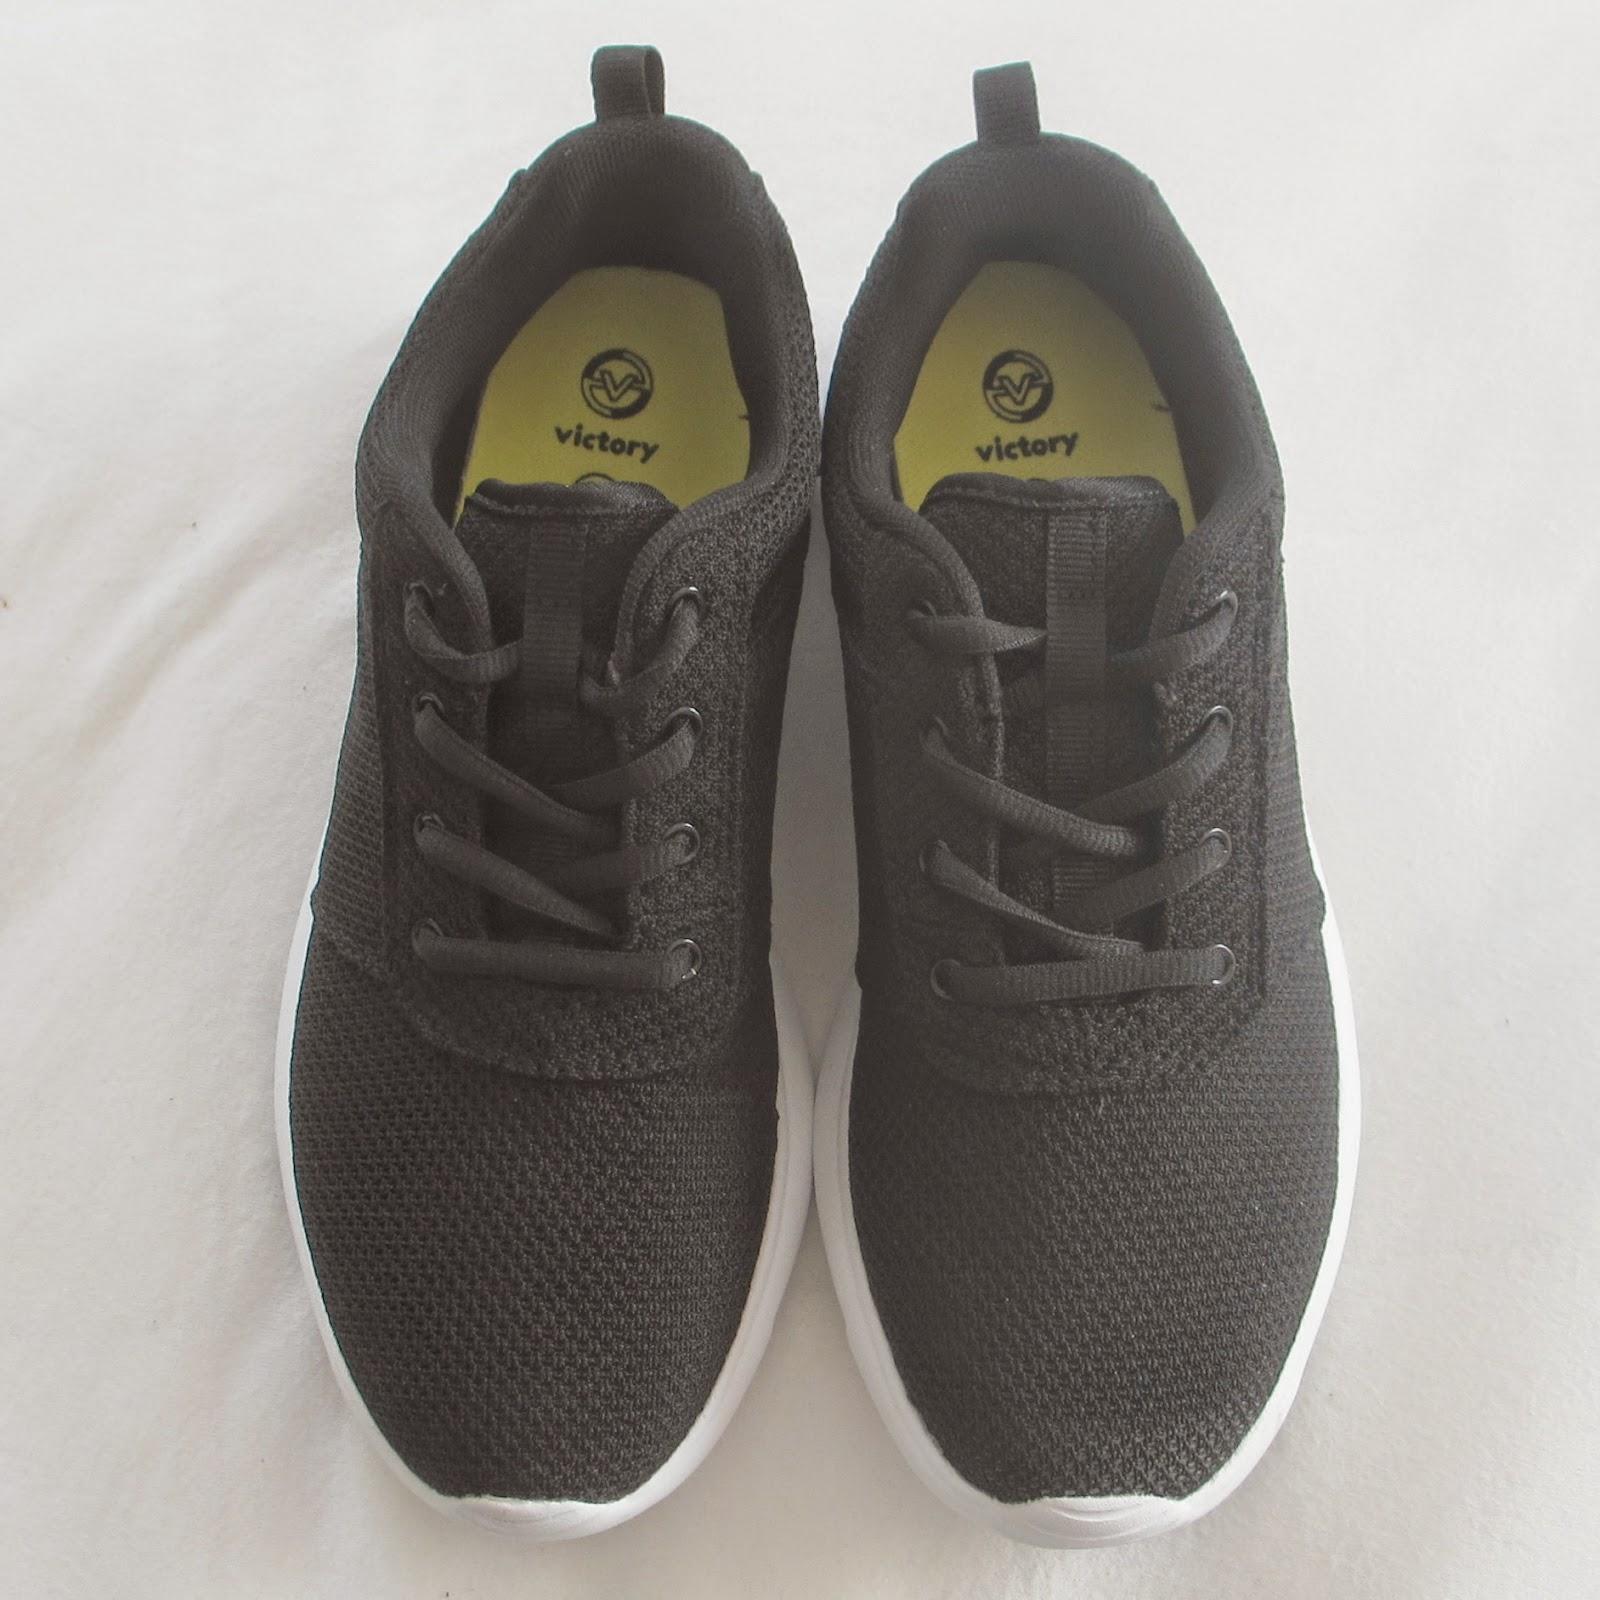 InFake Lia✓ One Nike Ratchet New Roshe FuK1JTc3l